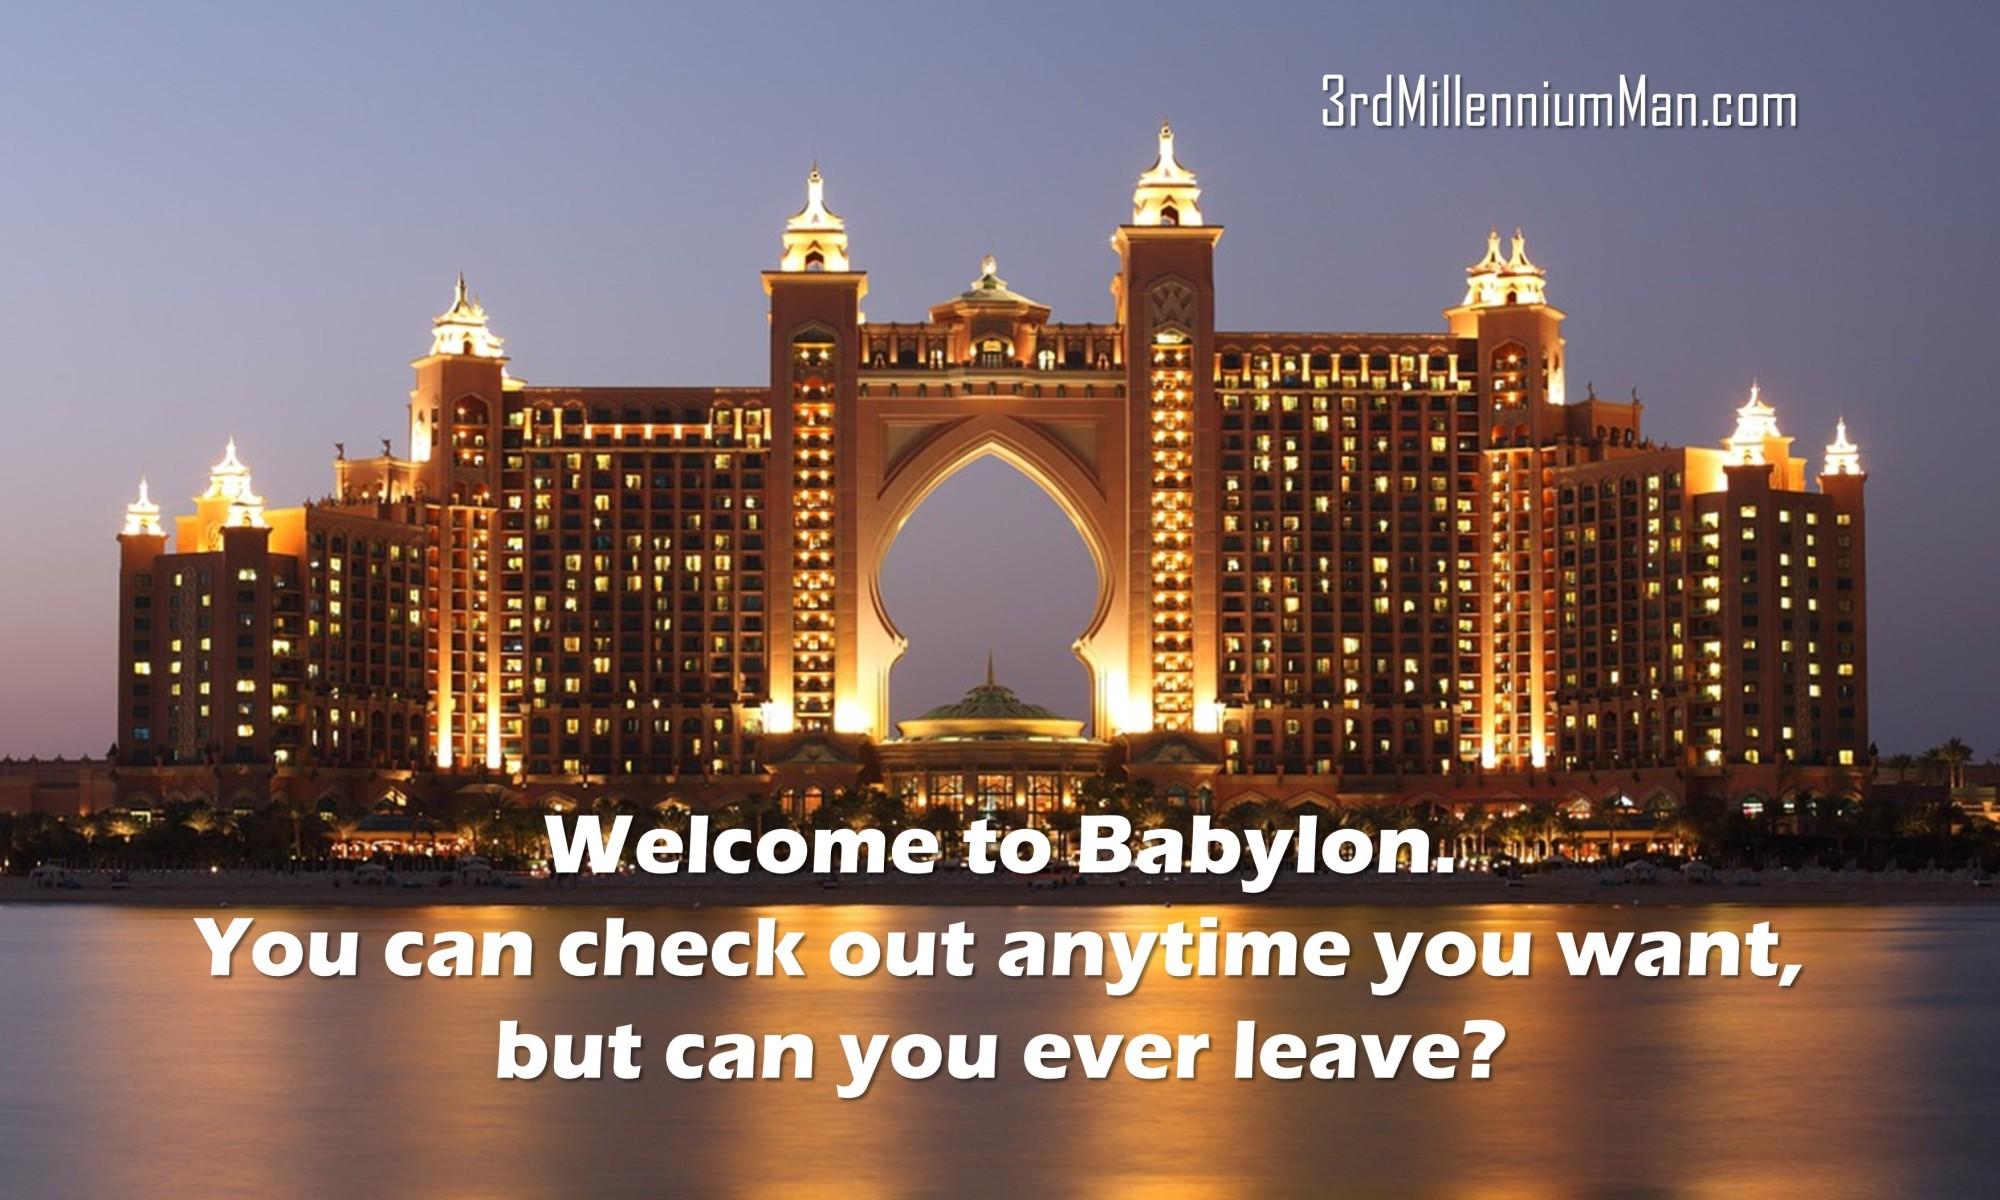 Hotel image to symbolize Babylon